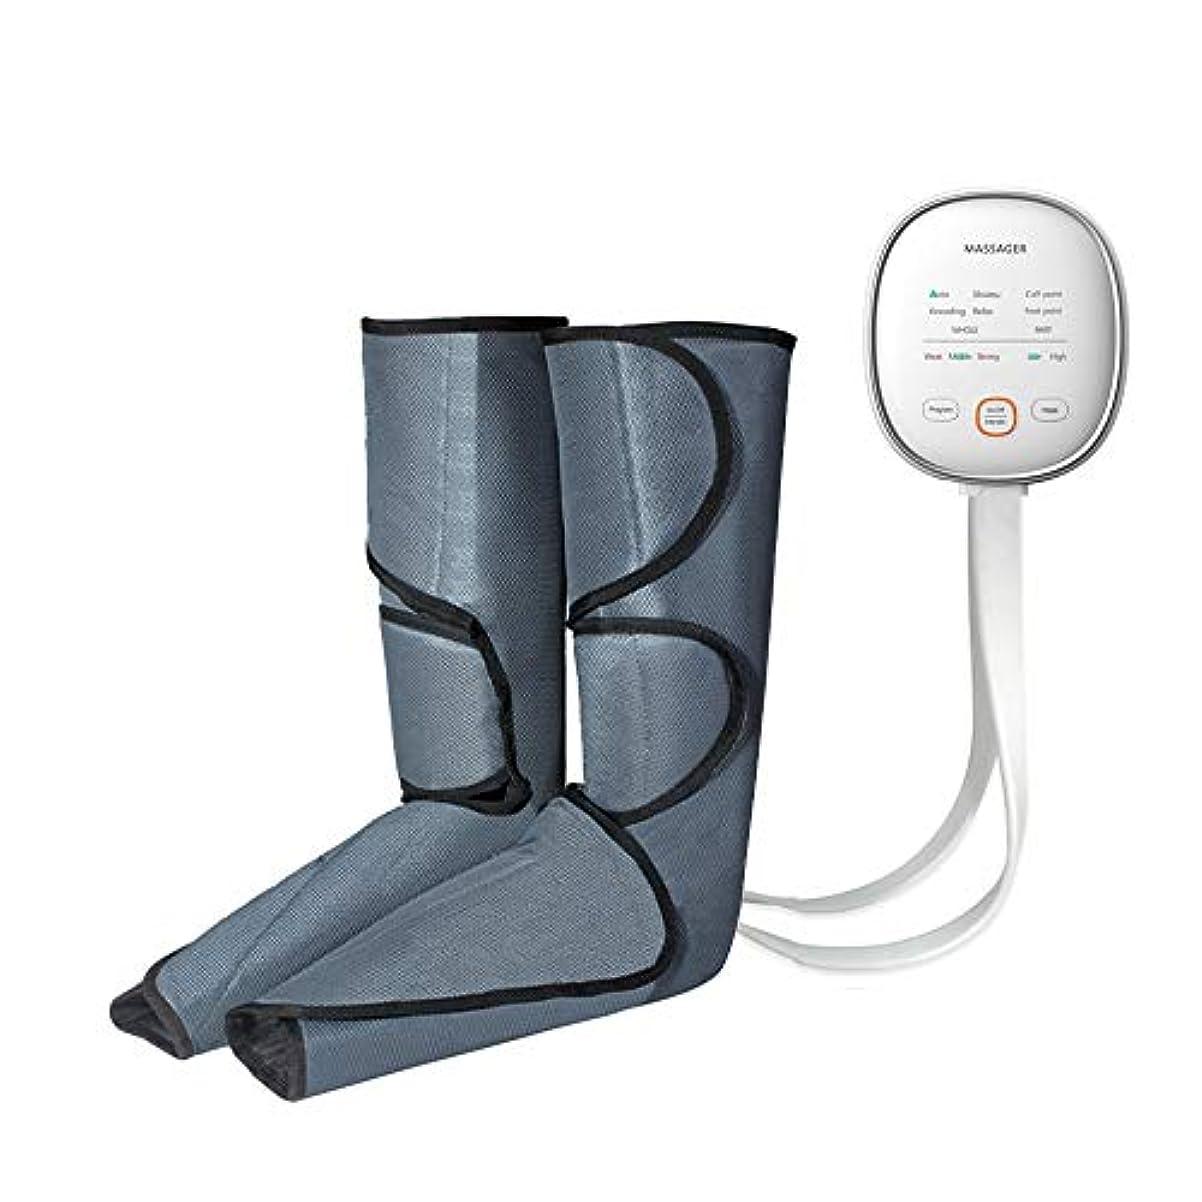 トレイル晩ごはん貯水池フットマッサージャー 足とふくらはぎ エアーマッサージャー器 温感機能 3つ段階の強さ フット空気圧縮マッサージ 睡眠 血行の促進 疲労回復 家庭用